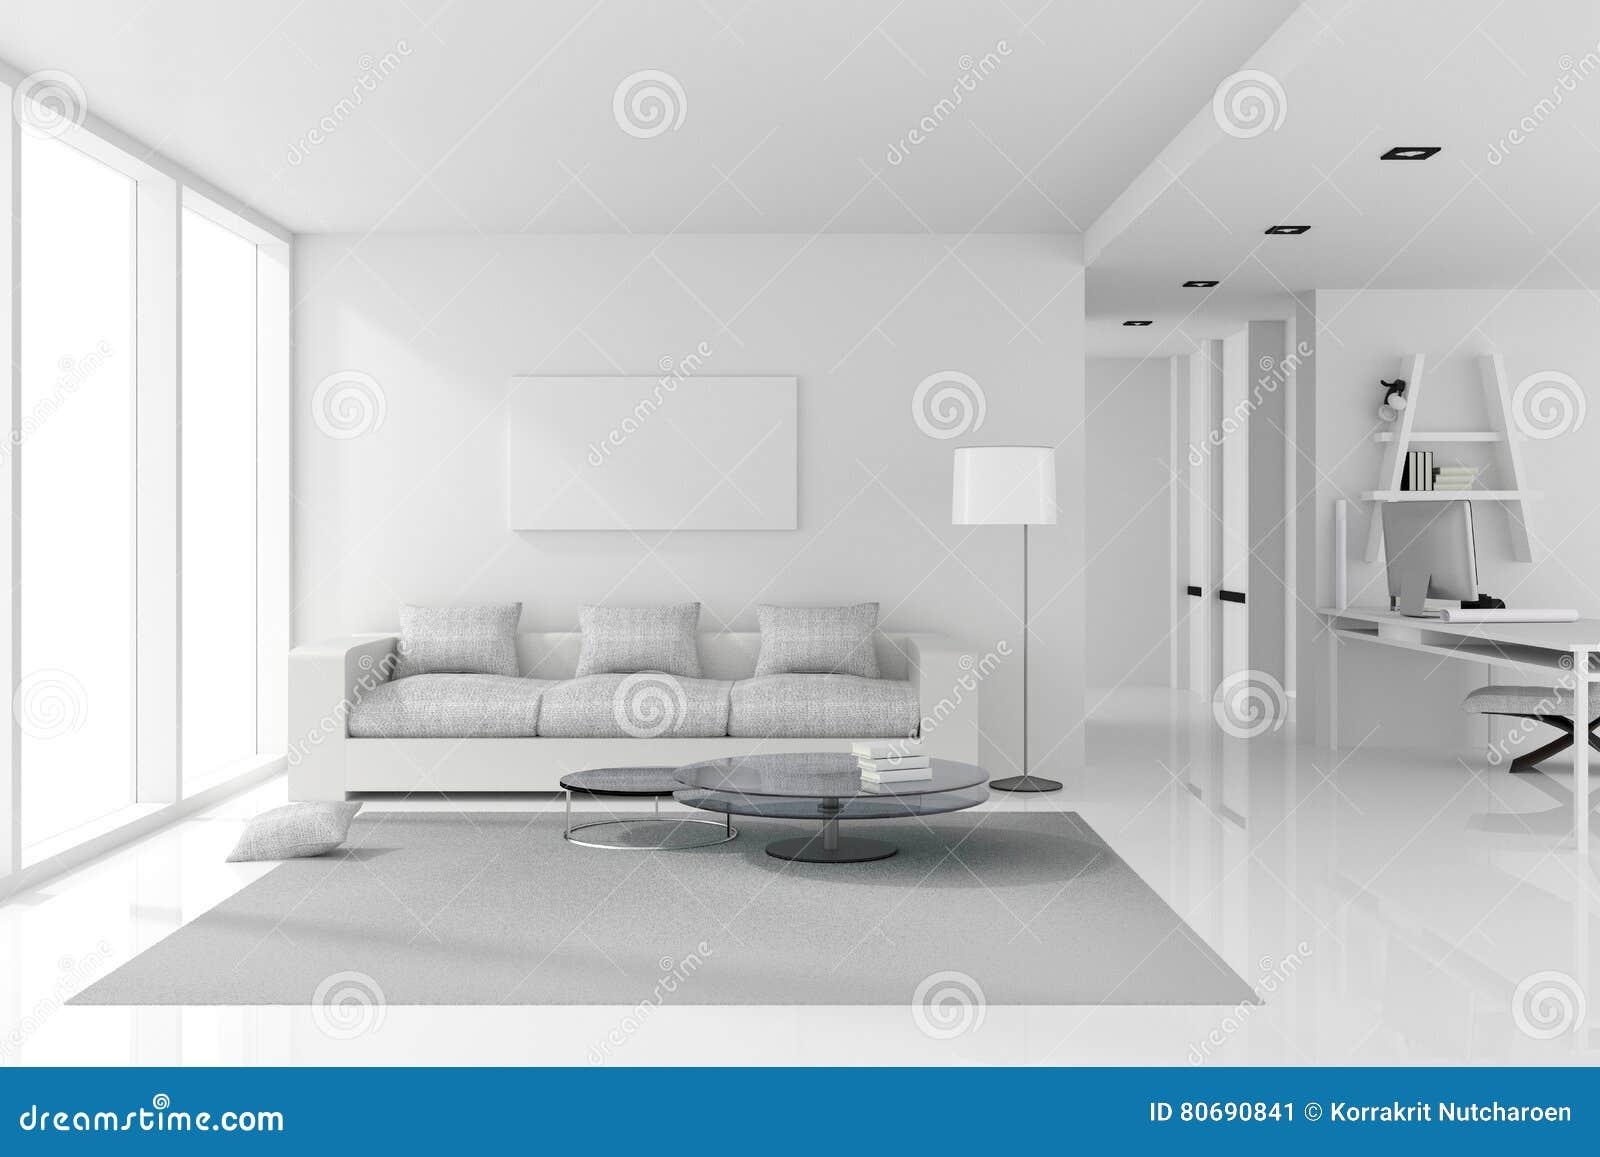 Muebles De Interior Modernos Top Muebles De Interior Modernos  # Muebles Deinterior